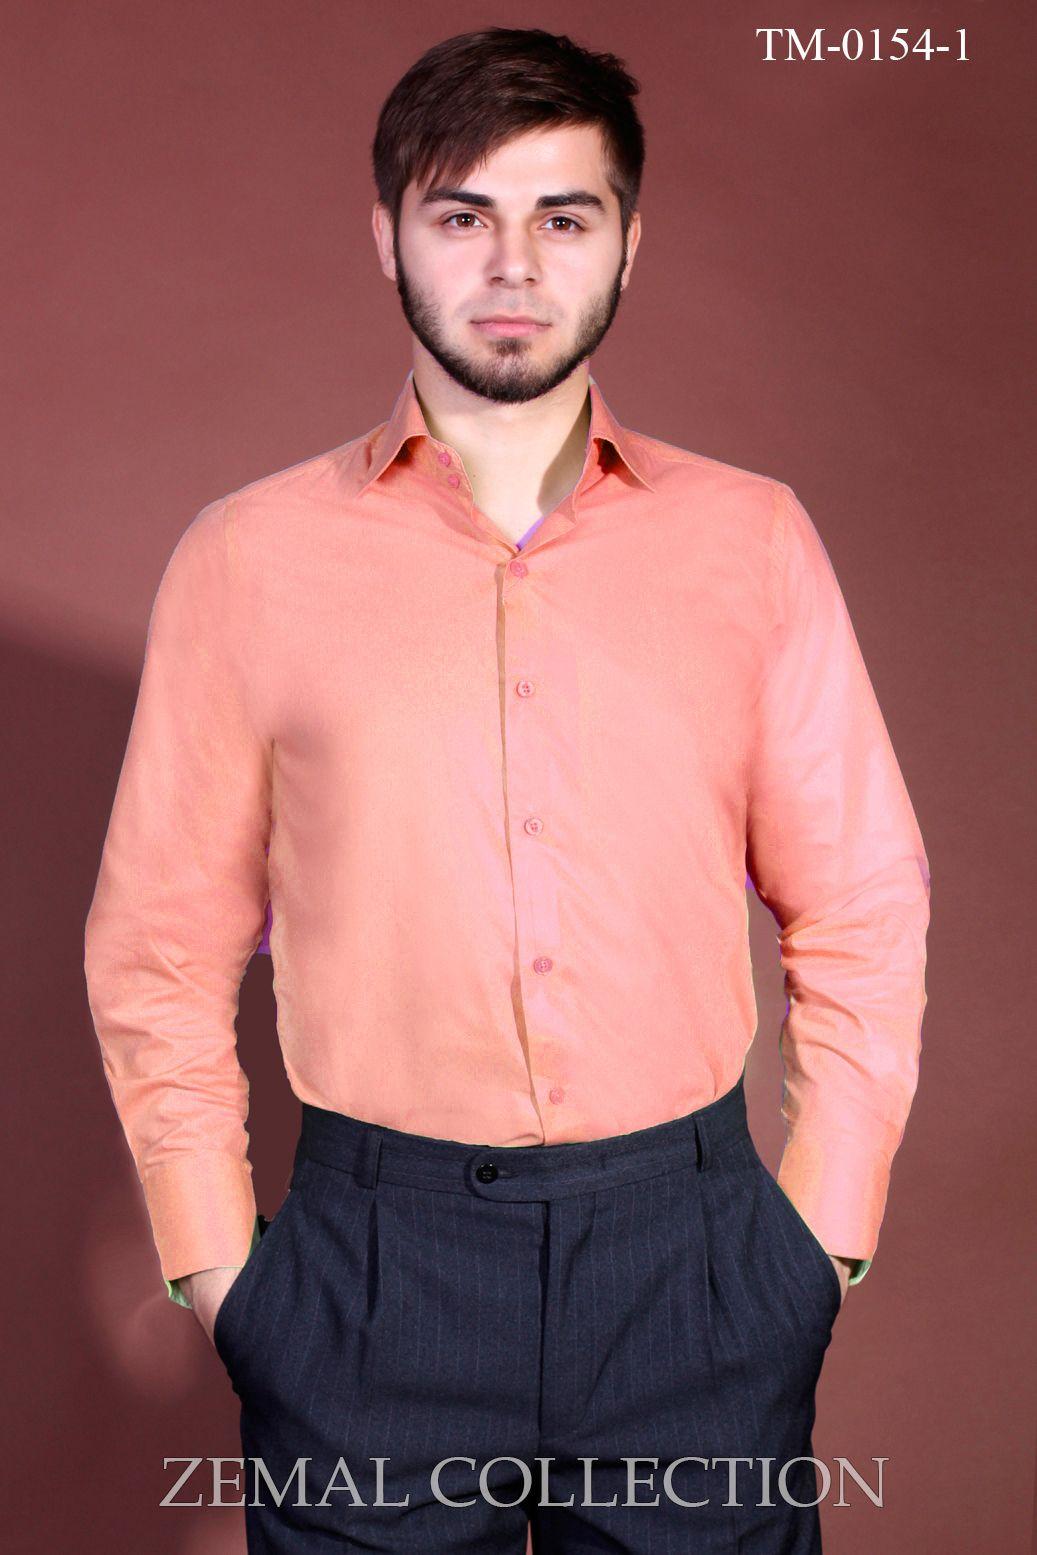 Сорочка tm-0154 купить на сайте производителя